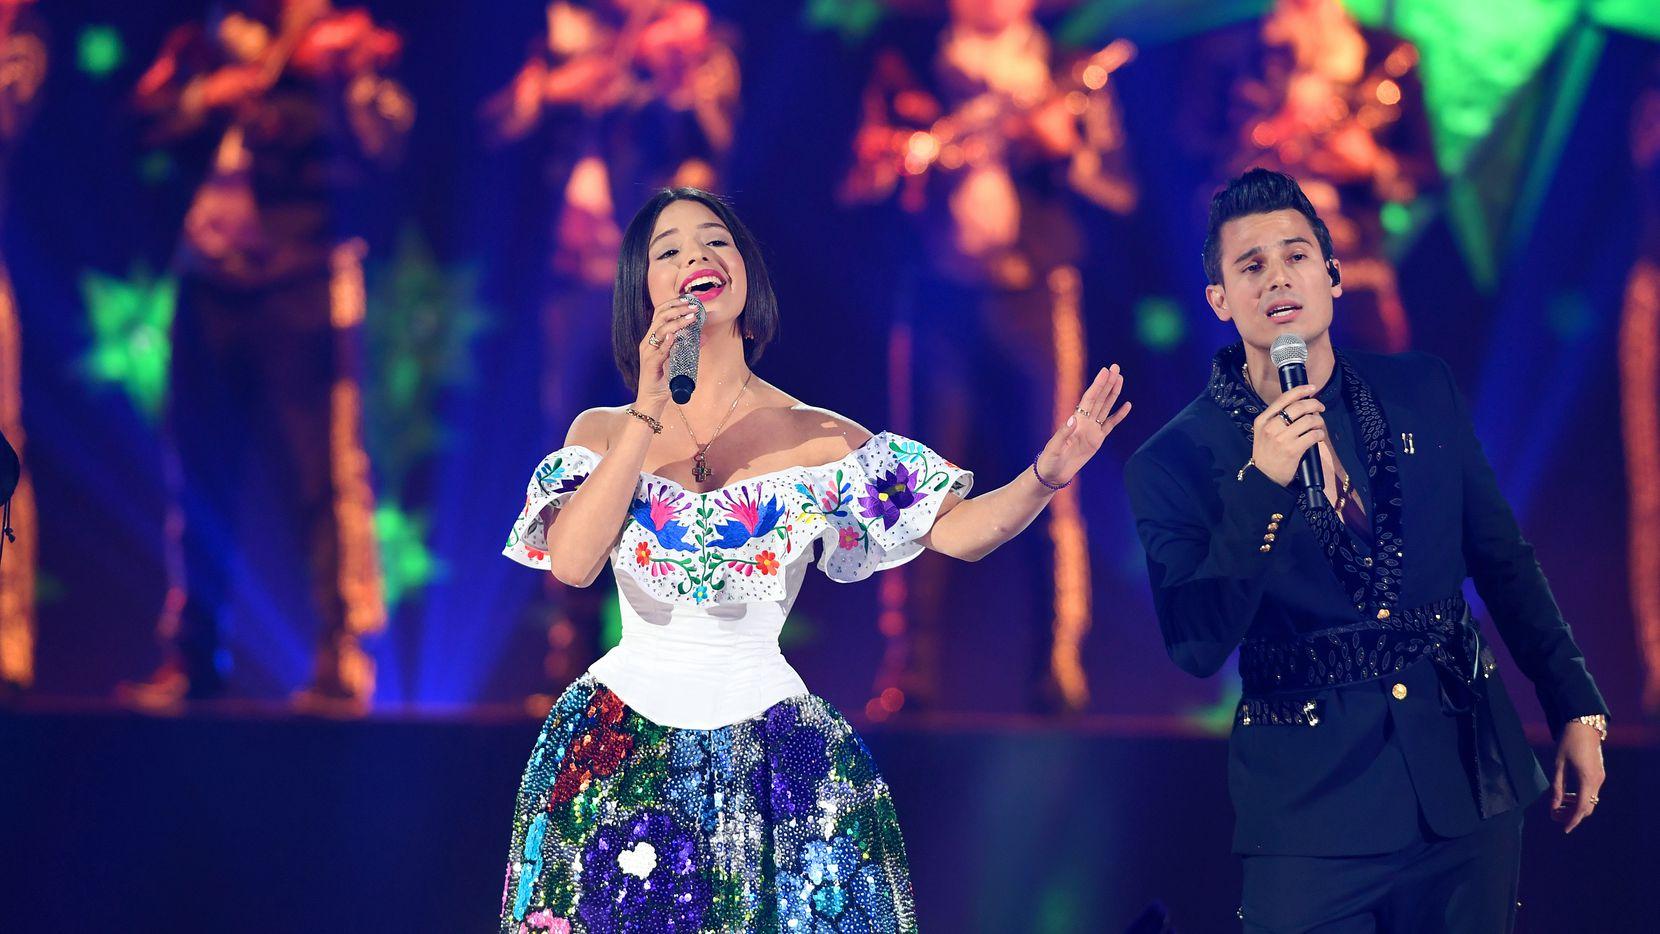 Angela Aguilar trae su gira 'Como la Flor' el día de San Valentin.  (Photo by Jason Koerner/Getty Images)